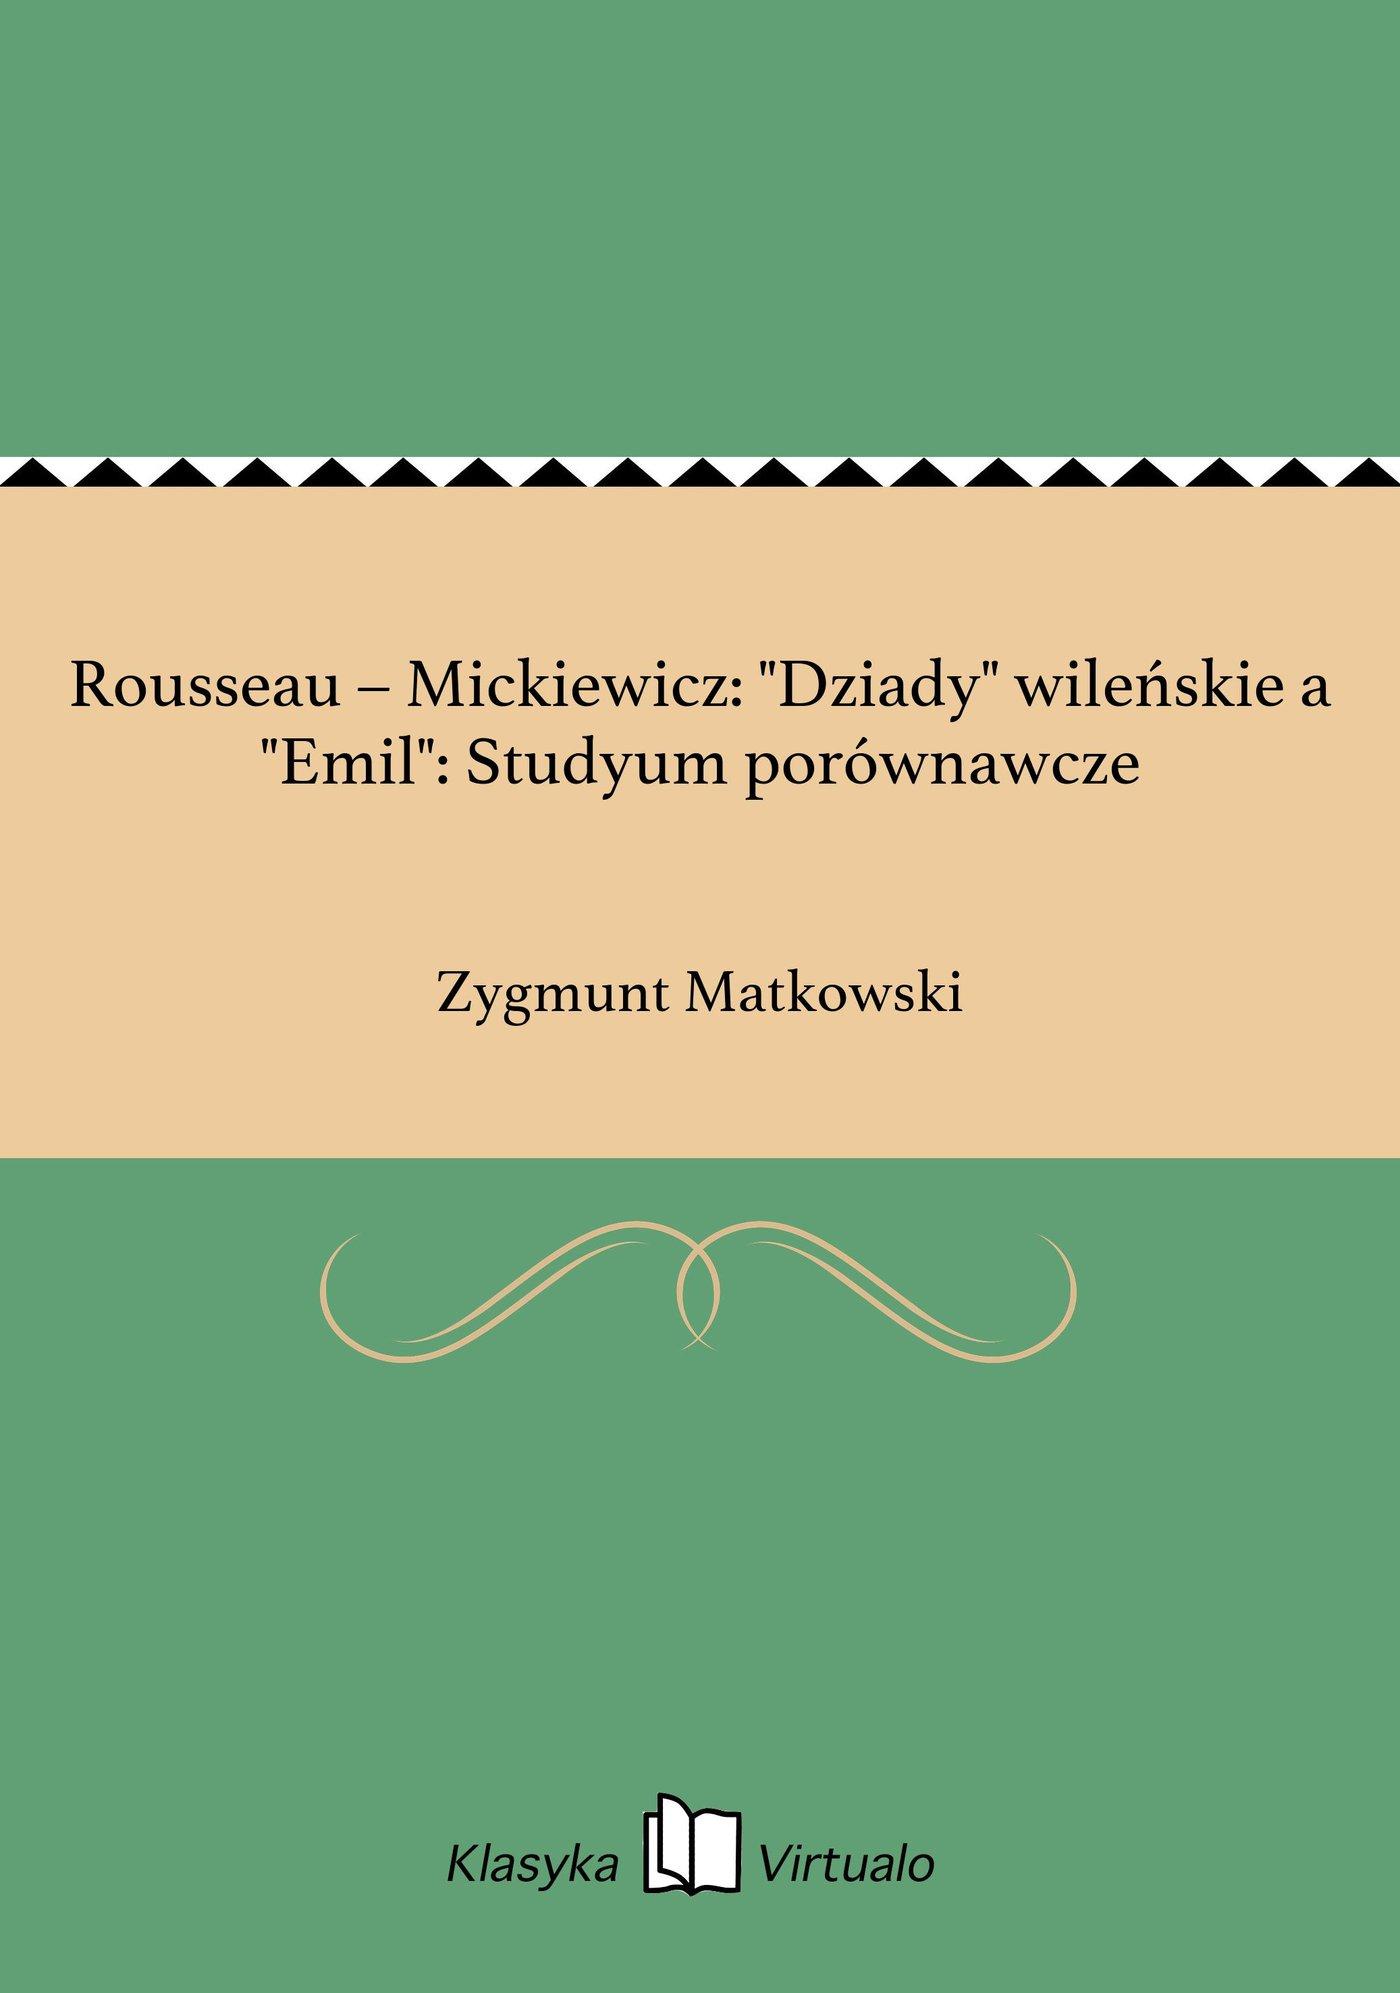 """Rousseau – Mickiewicz: """"Dziady"""" wileńskie a """"Emil"""": Studyum porównawcze - Ebook (Książka EPUB) do pobrania w formacie EPUB"""